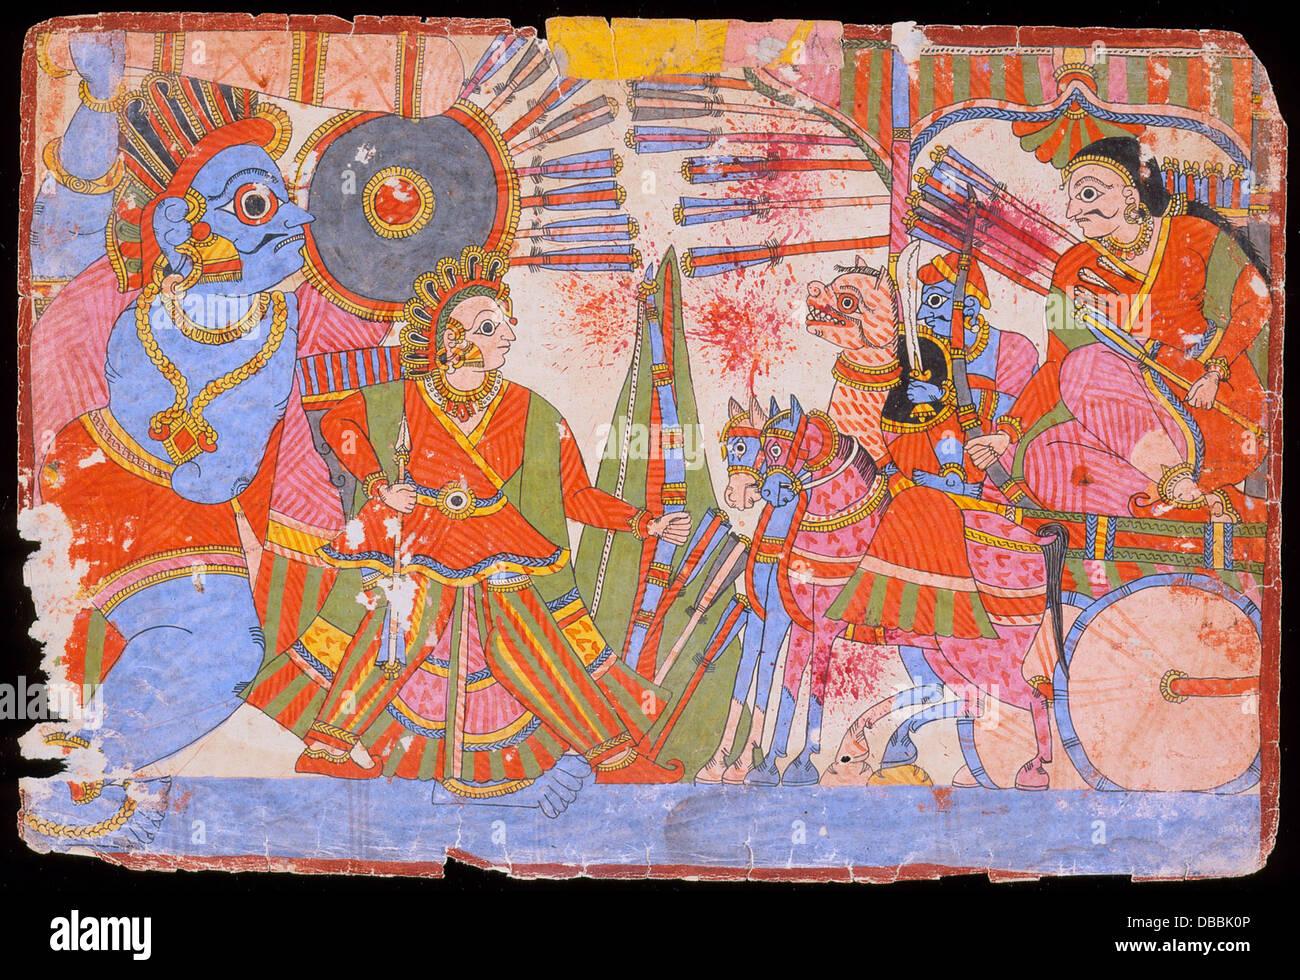 Vrishaketu and Bhima Fighting Yavanatha, Scene from the Story of Babhruvahana, Folio from a Mahabharata (-War of - Stock Image